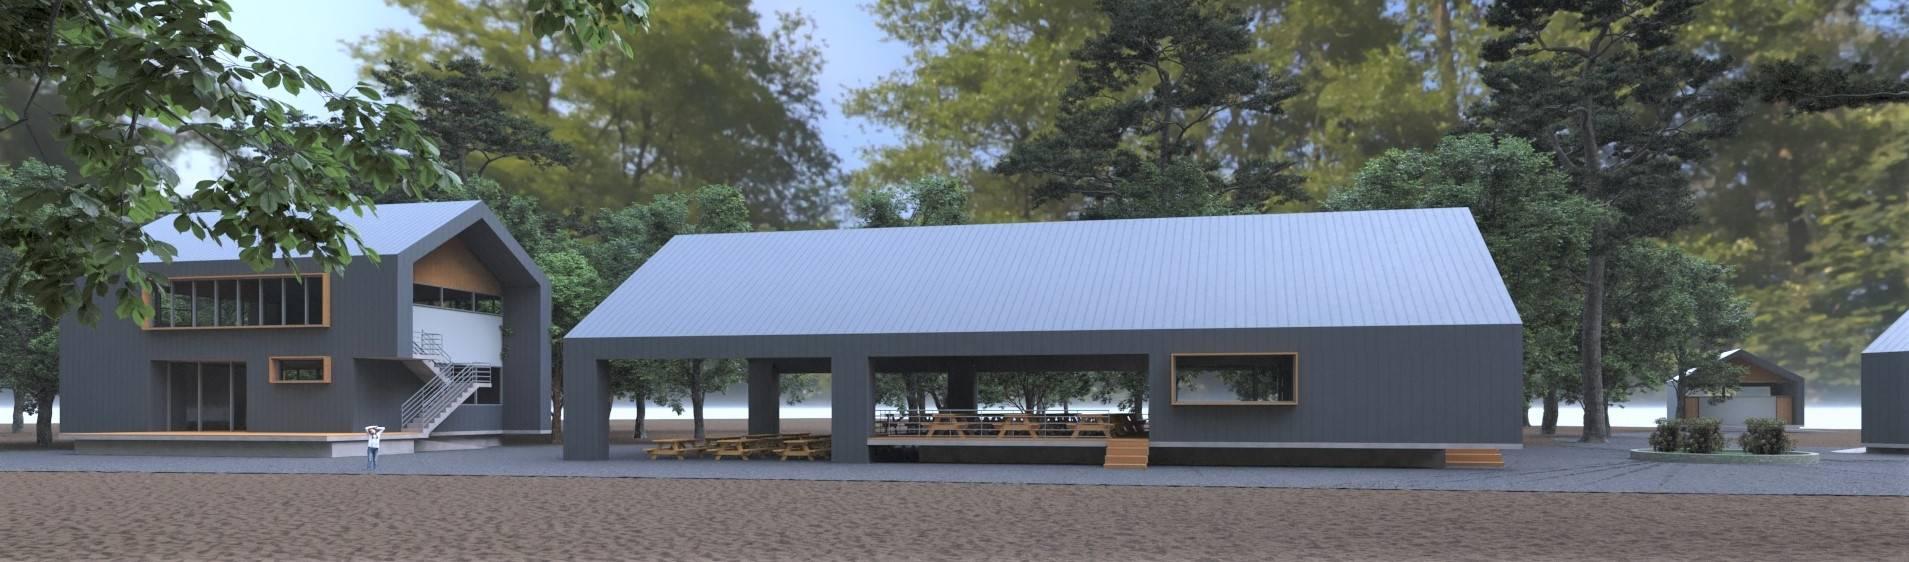 Arquitecto Rafael Viana Balbi —CDMX + Rio de Janeiro